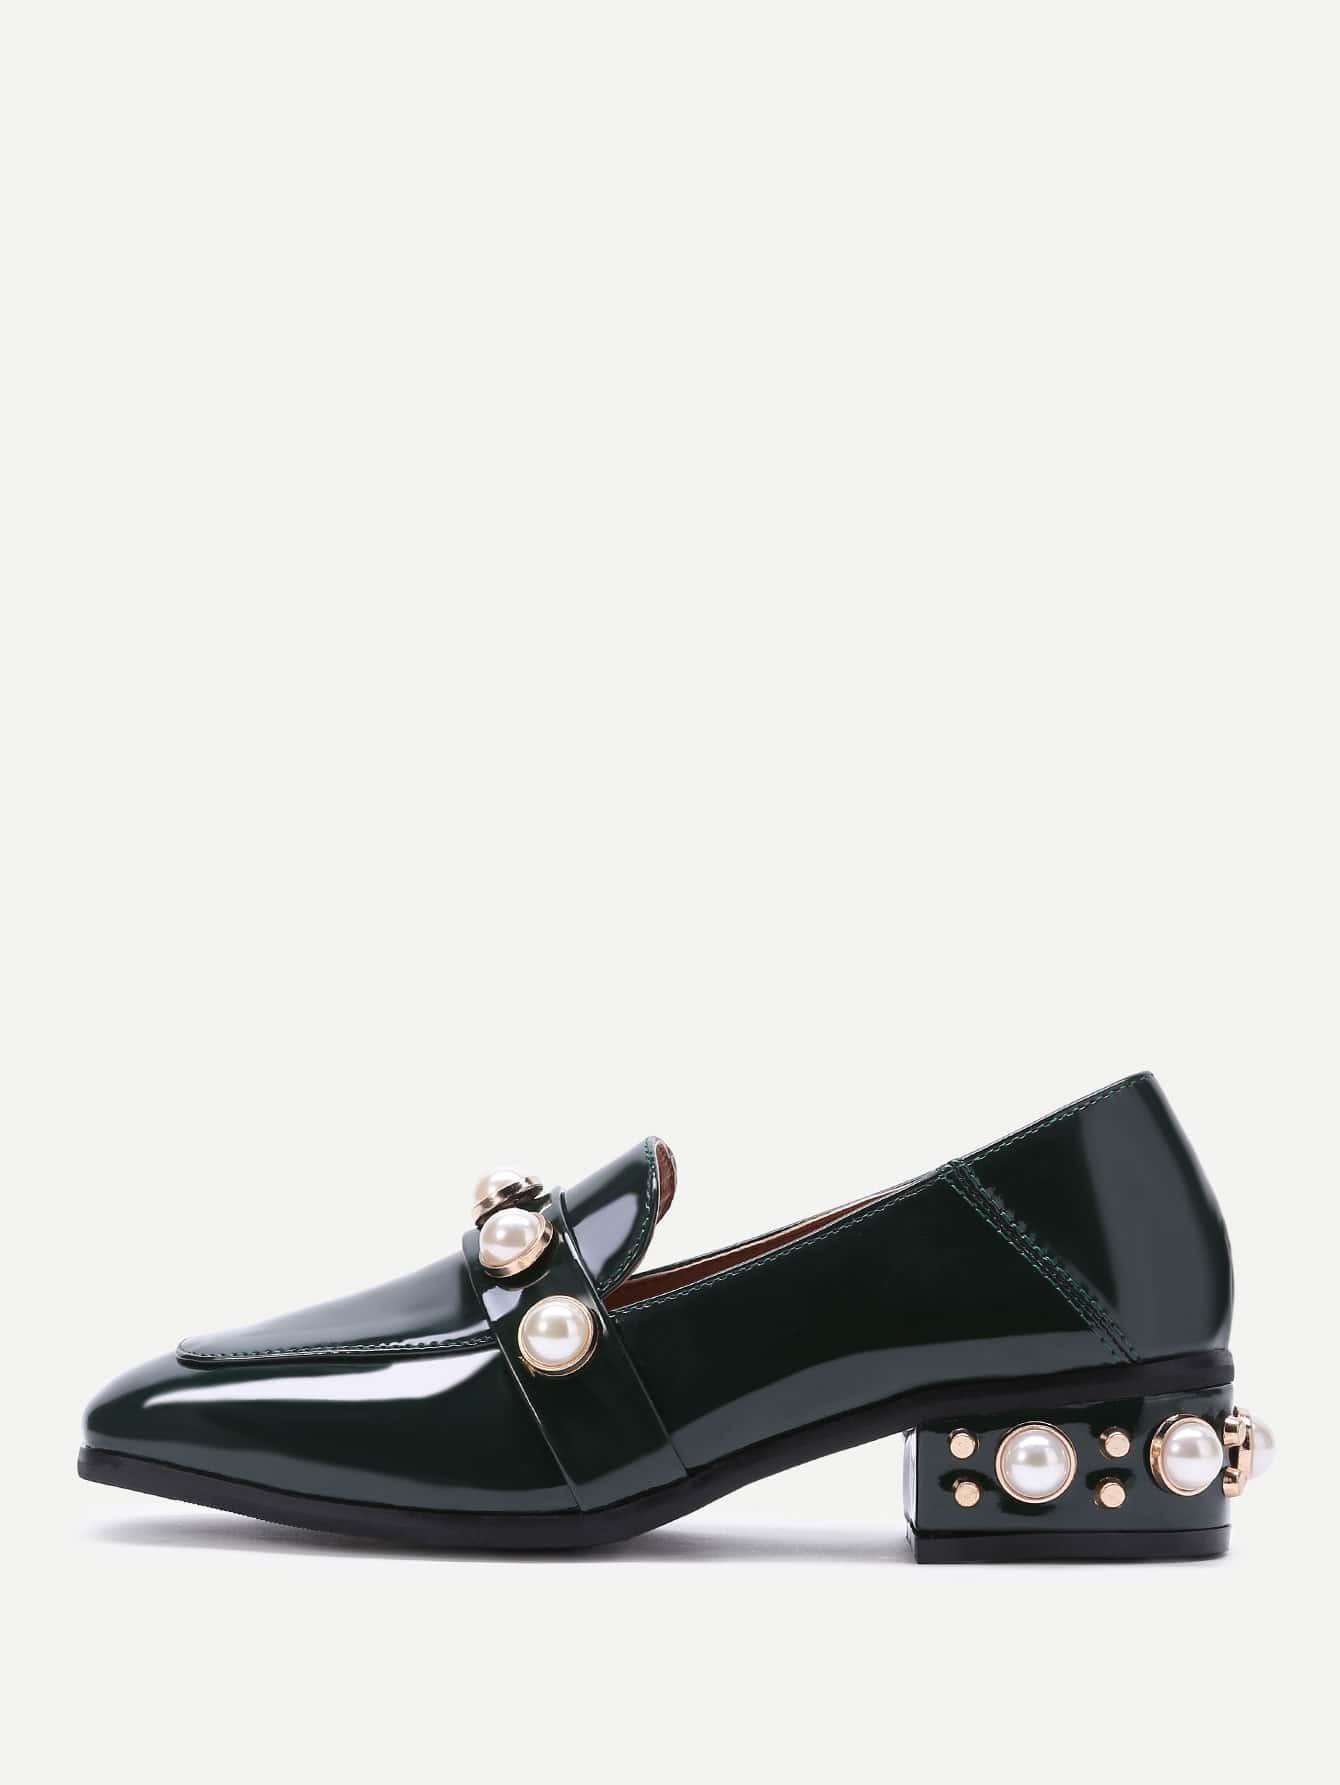 shoes170213808_3